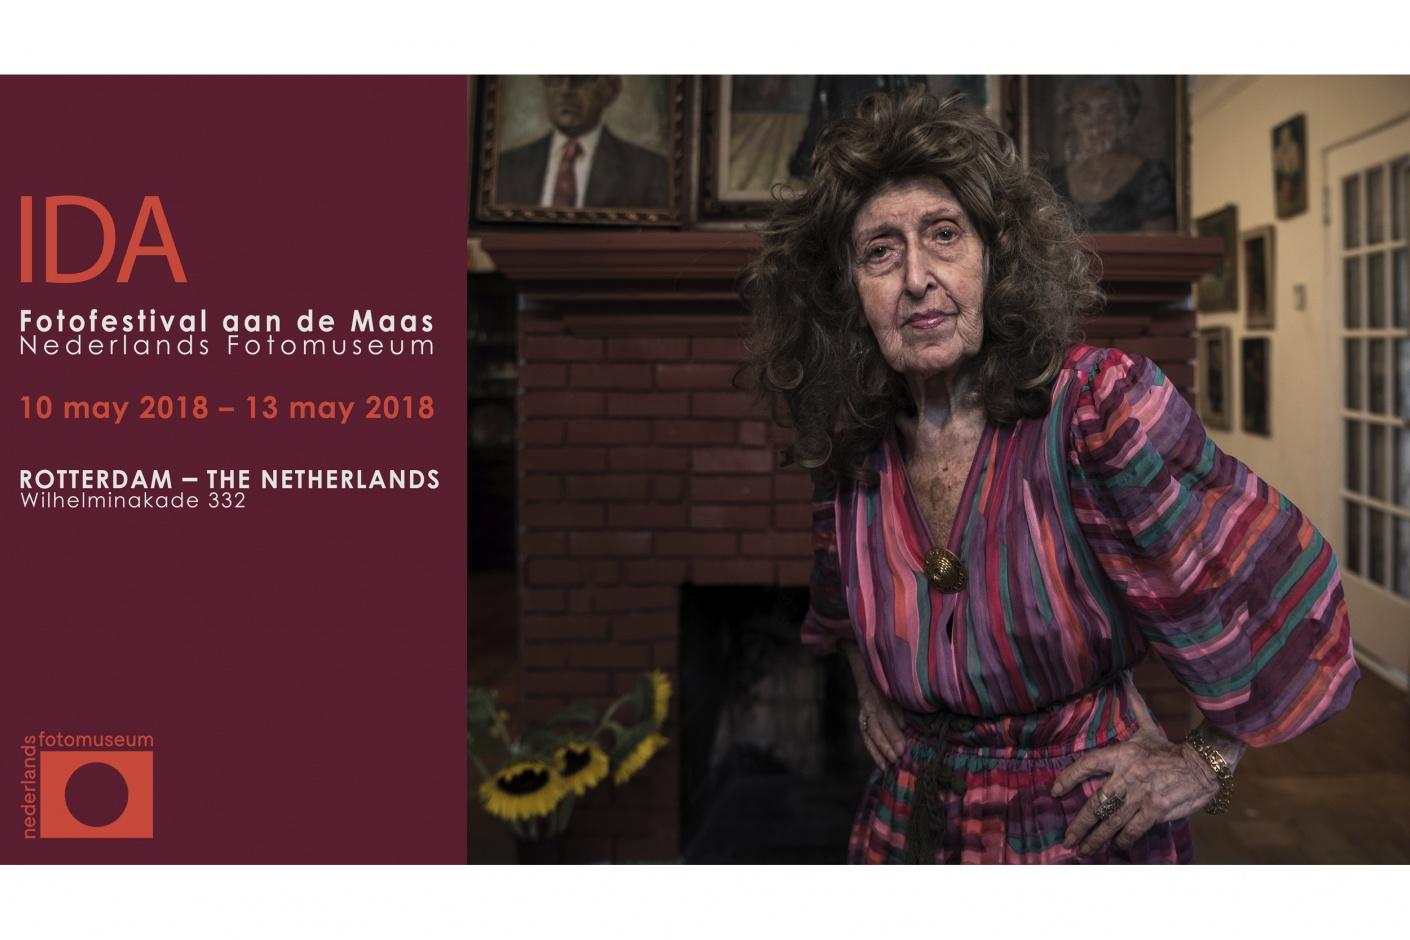 Ida Haendel Nederlands Fotomuseum Fotofestival aan de maas Jelle Pieter de Boer